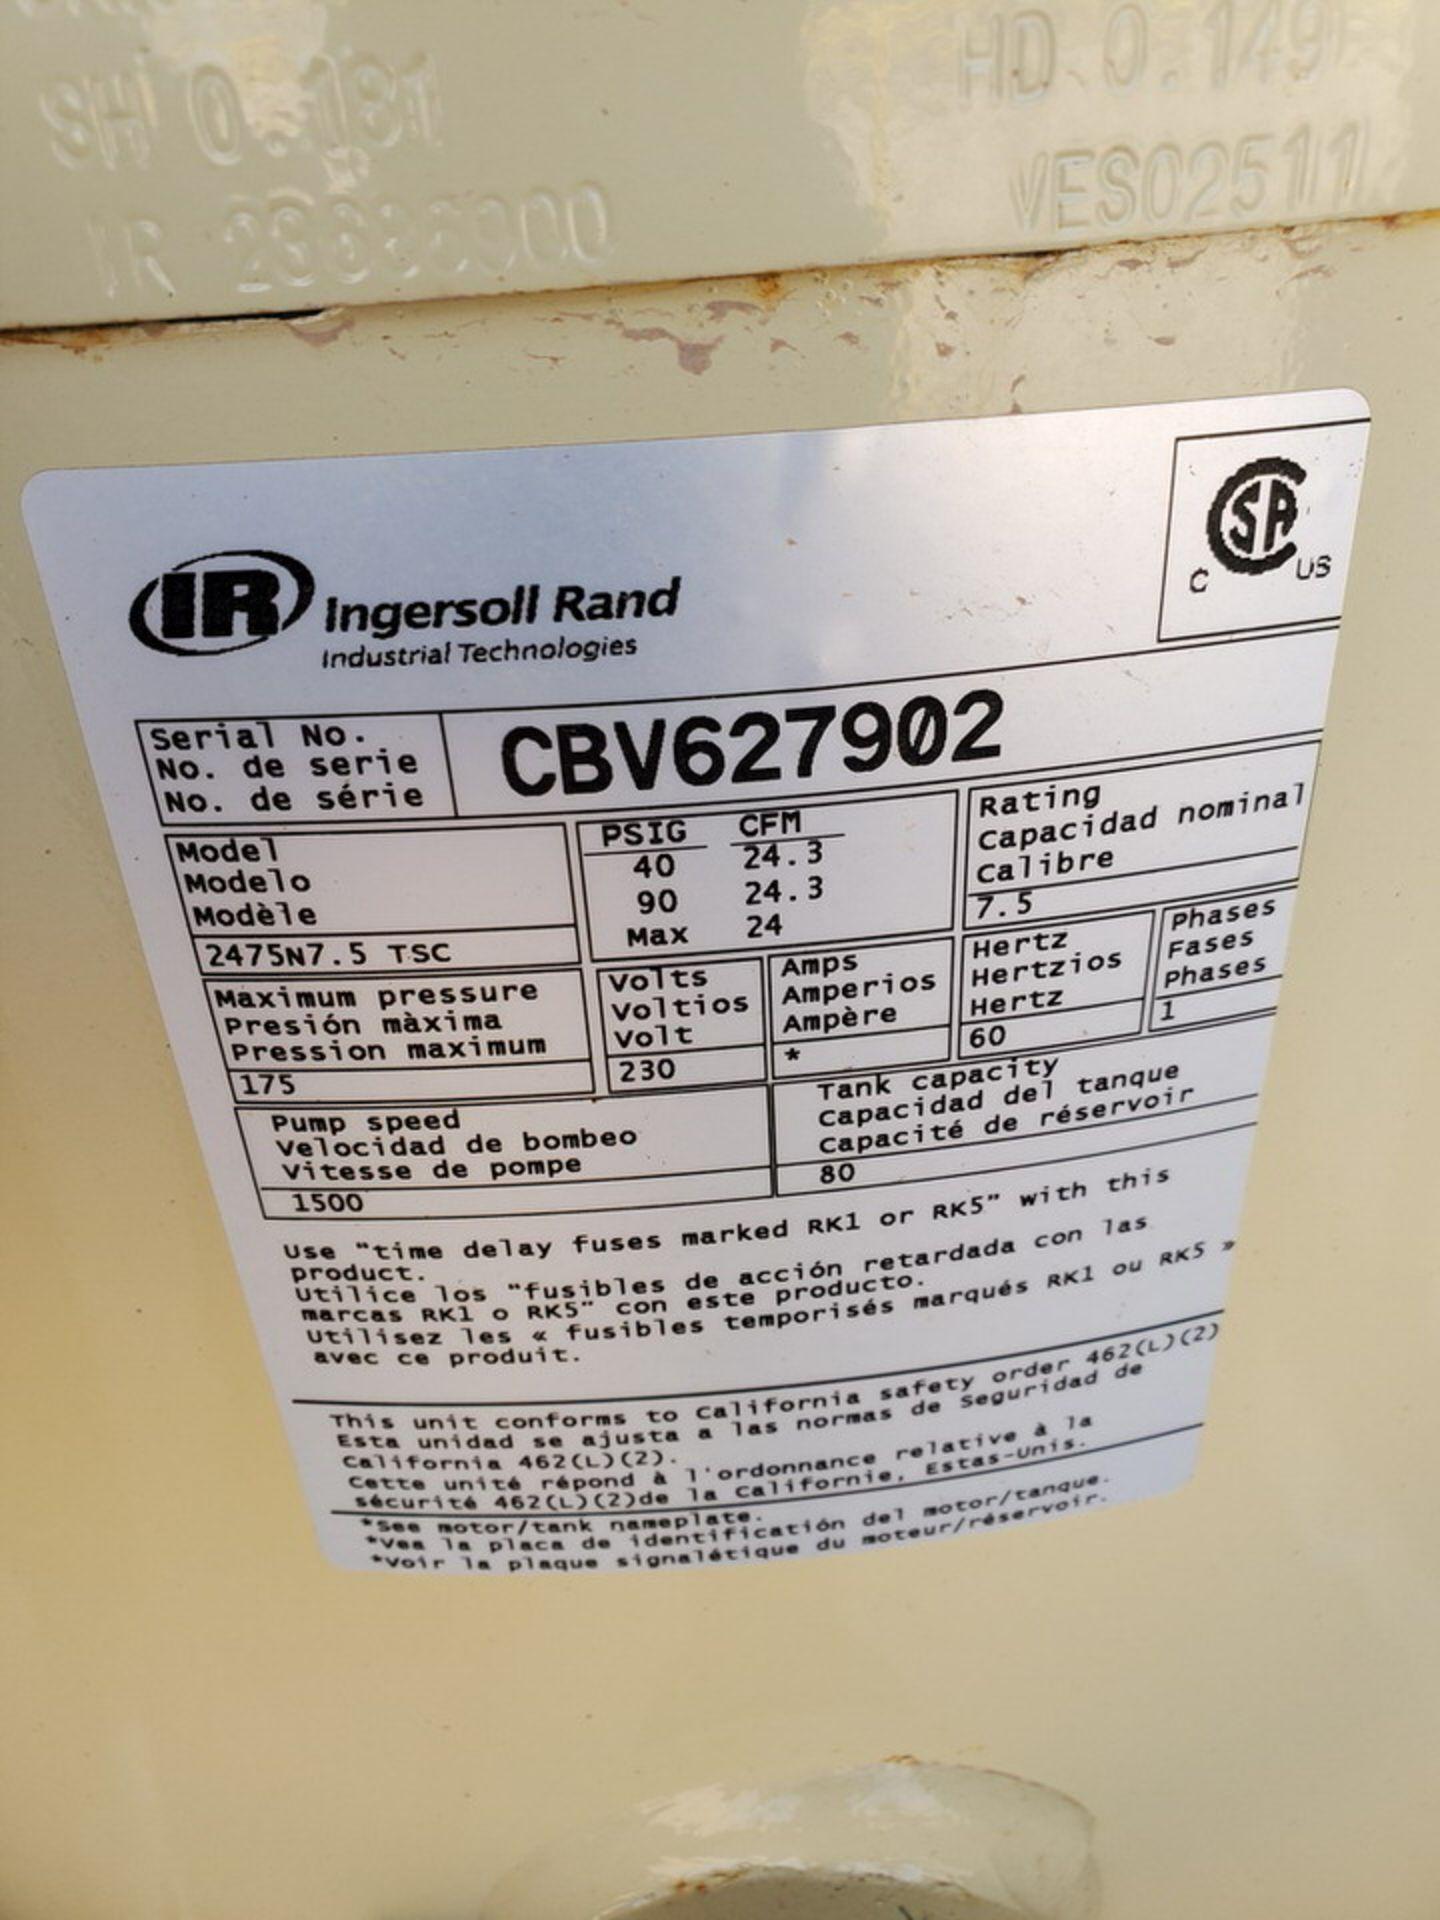 IR Air Compressor 230V, 60HZ, 1PH, 175 MAWP - Image 4 of 4